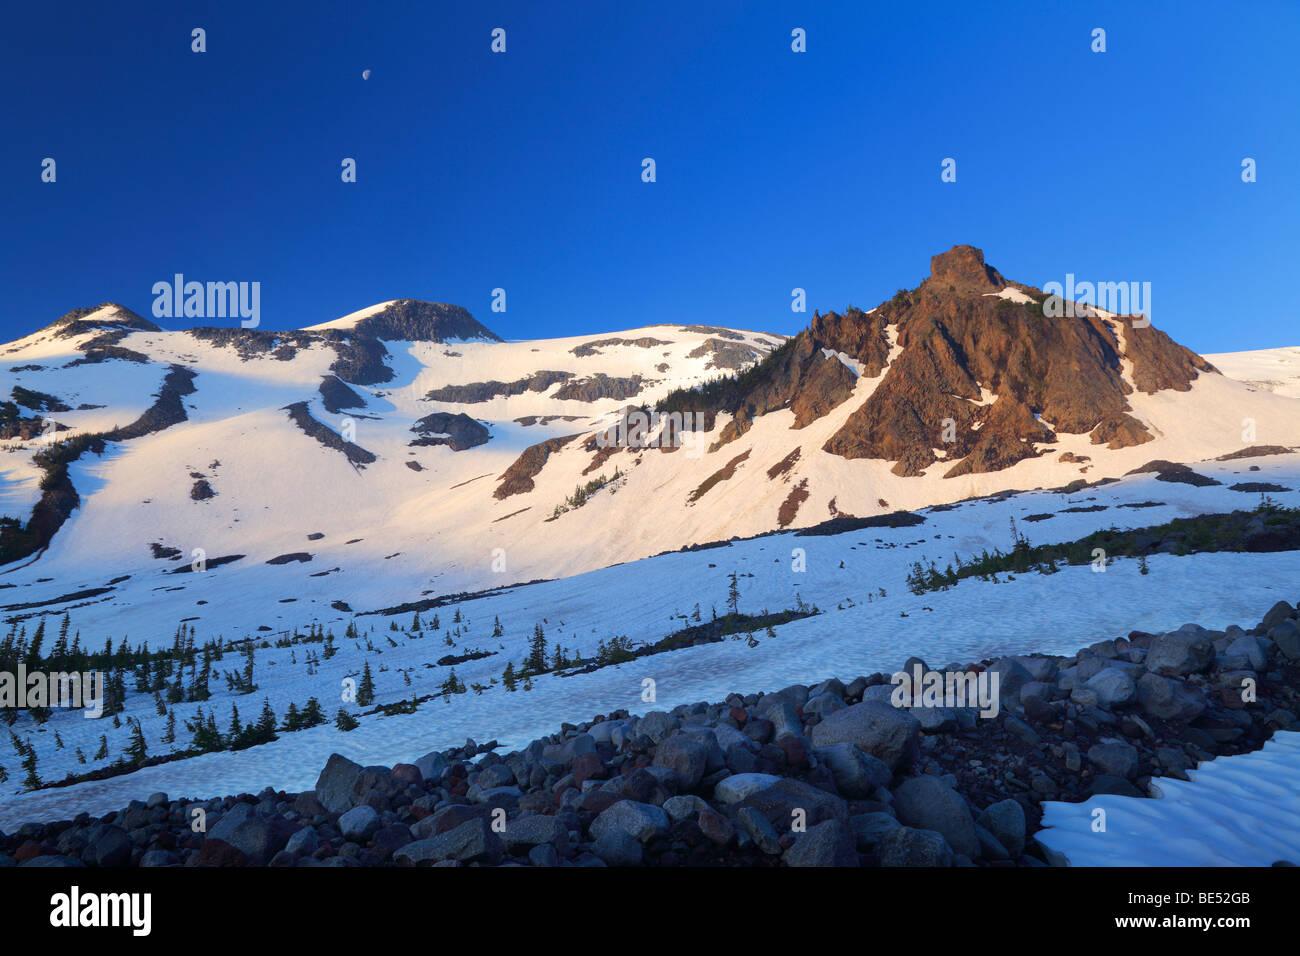 El Parque Nacional Monte Rainier desierto cerca del Panhandle brecha a lo largo del sendero de Wonderland en invierno Imagen De Stock